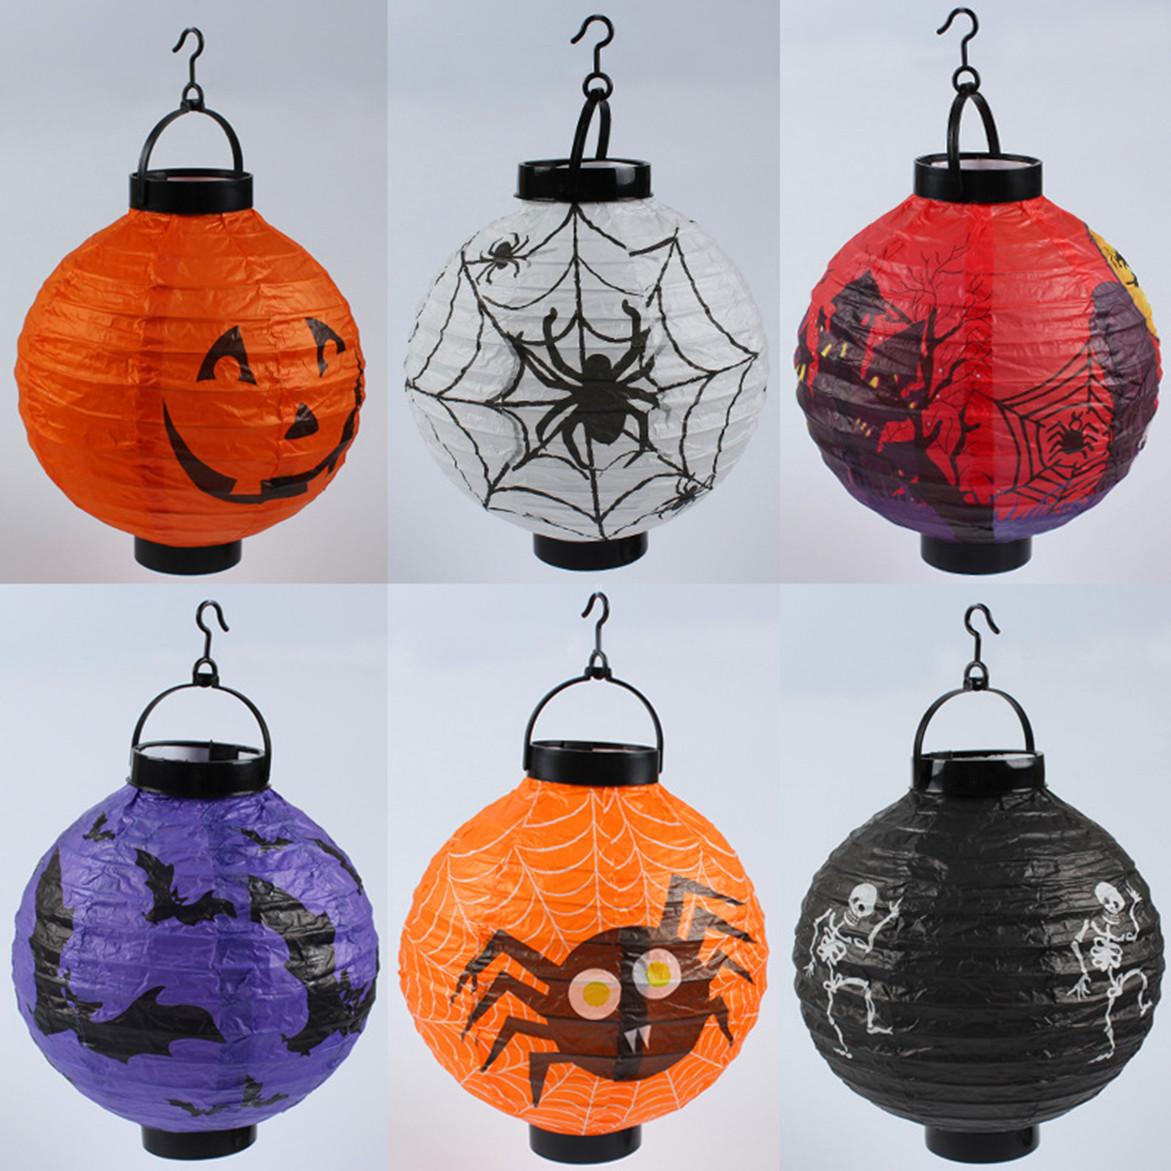 万圣节纸灯笼 鬼节恐怖装饰用品led发光折叠手提蜘蛛蝙蝠南瓜灯笼